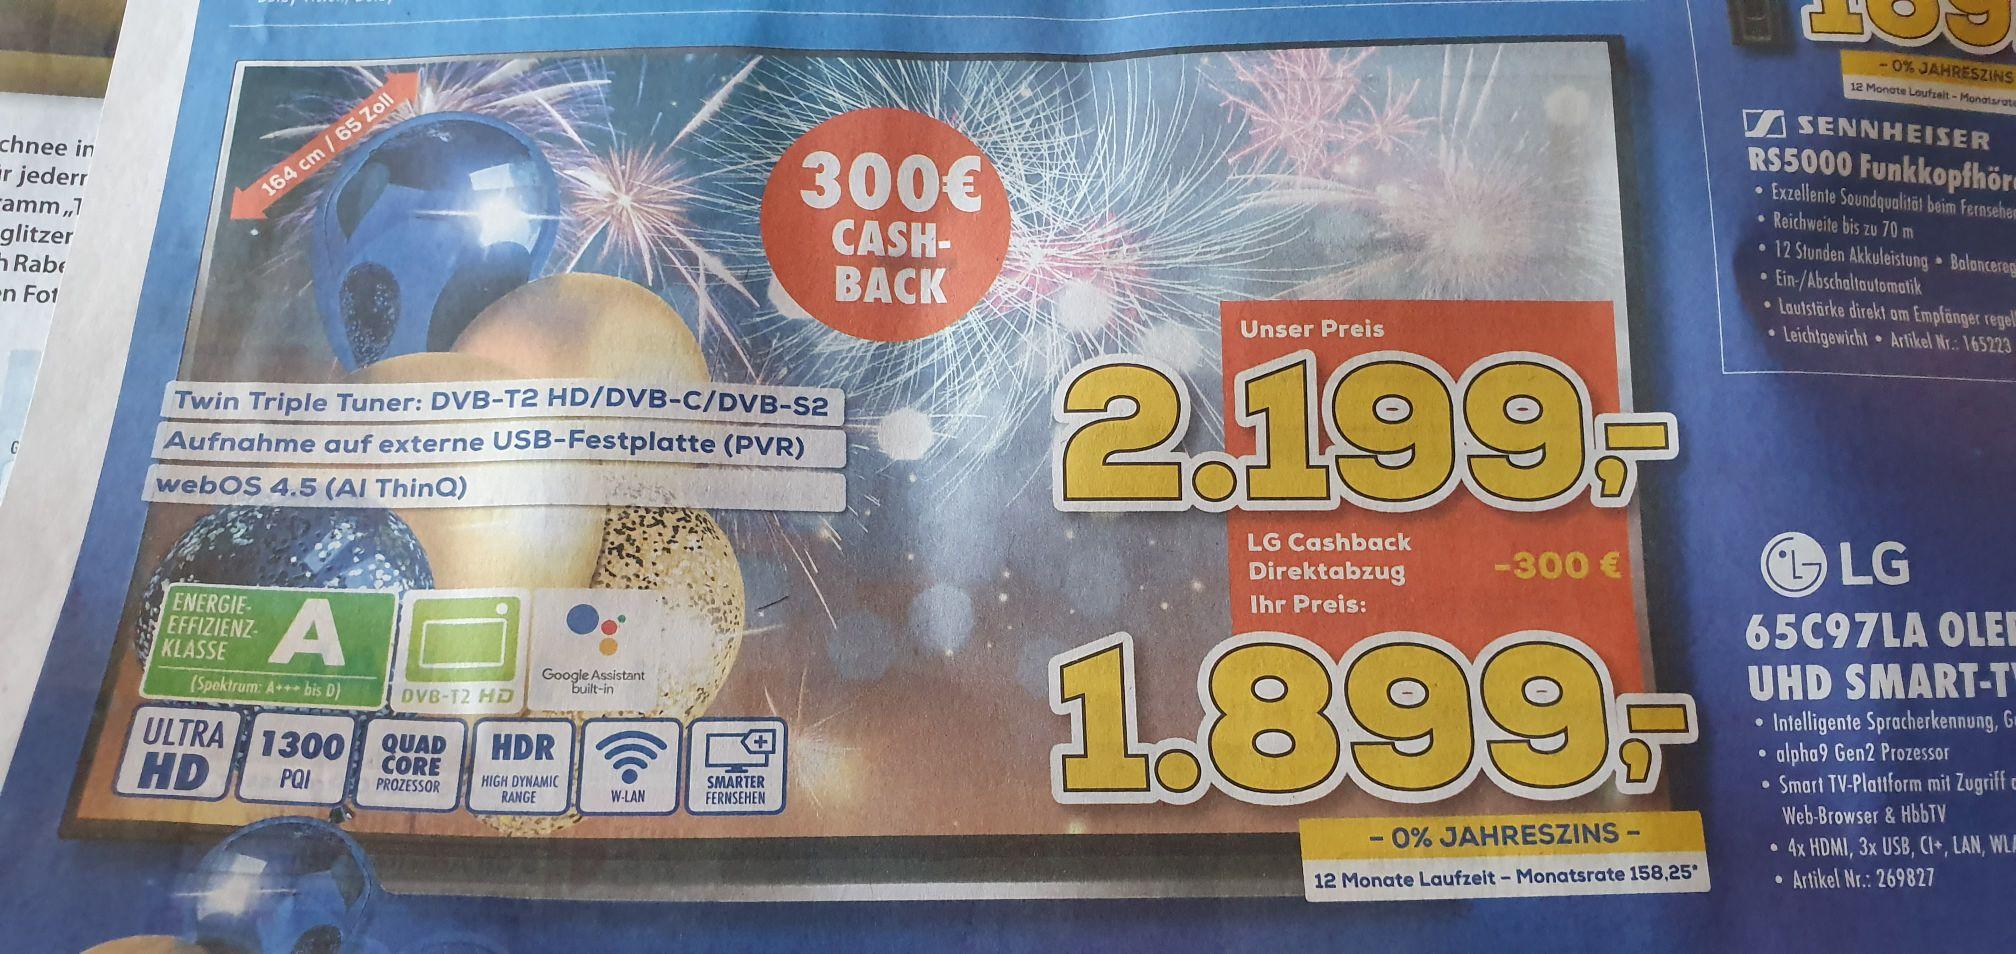 LG oled65c97la bei Berlet euronics lokal für 1899€ oder online 1938,90€